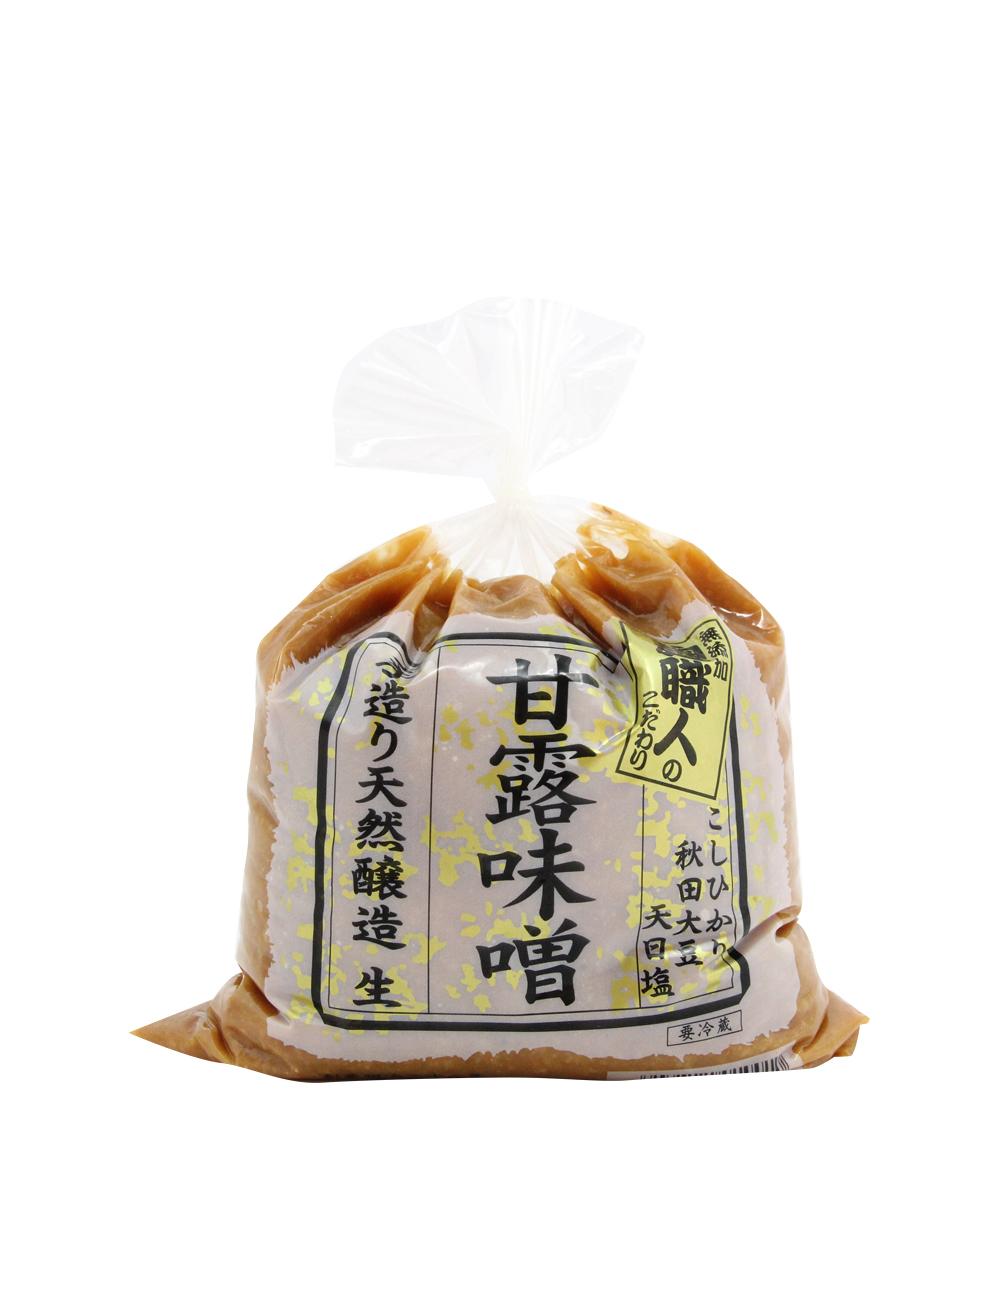 無添加麹職人の甘露味噌 手作り天然醸造 こしひかり・秋田大豆使用